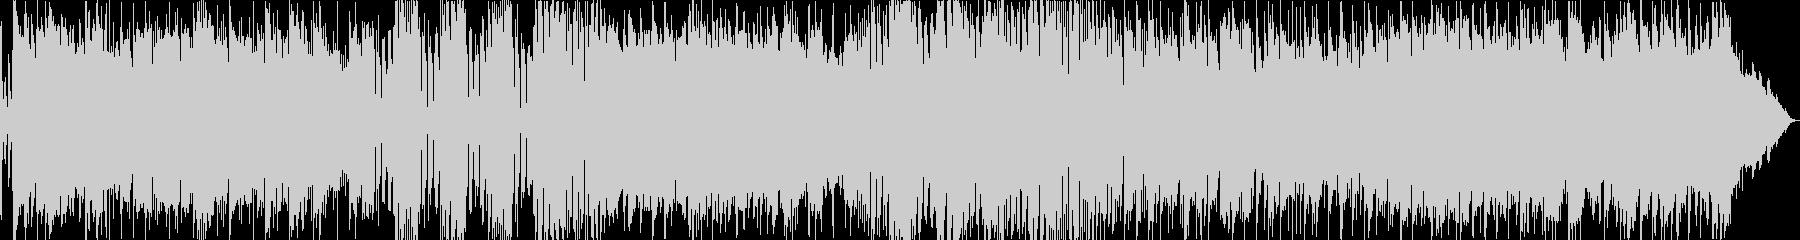 SUITE 3連と4連のリズムがチェーンの未再生の波形